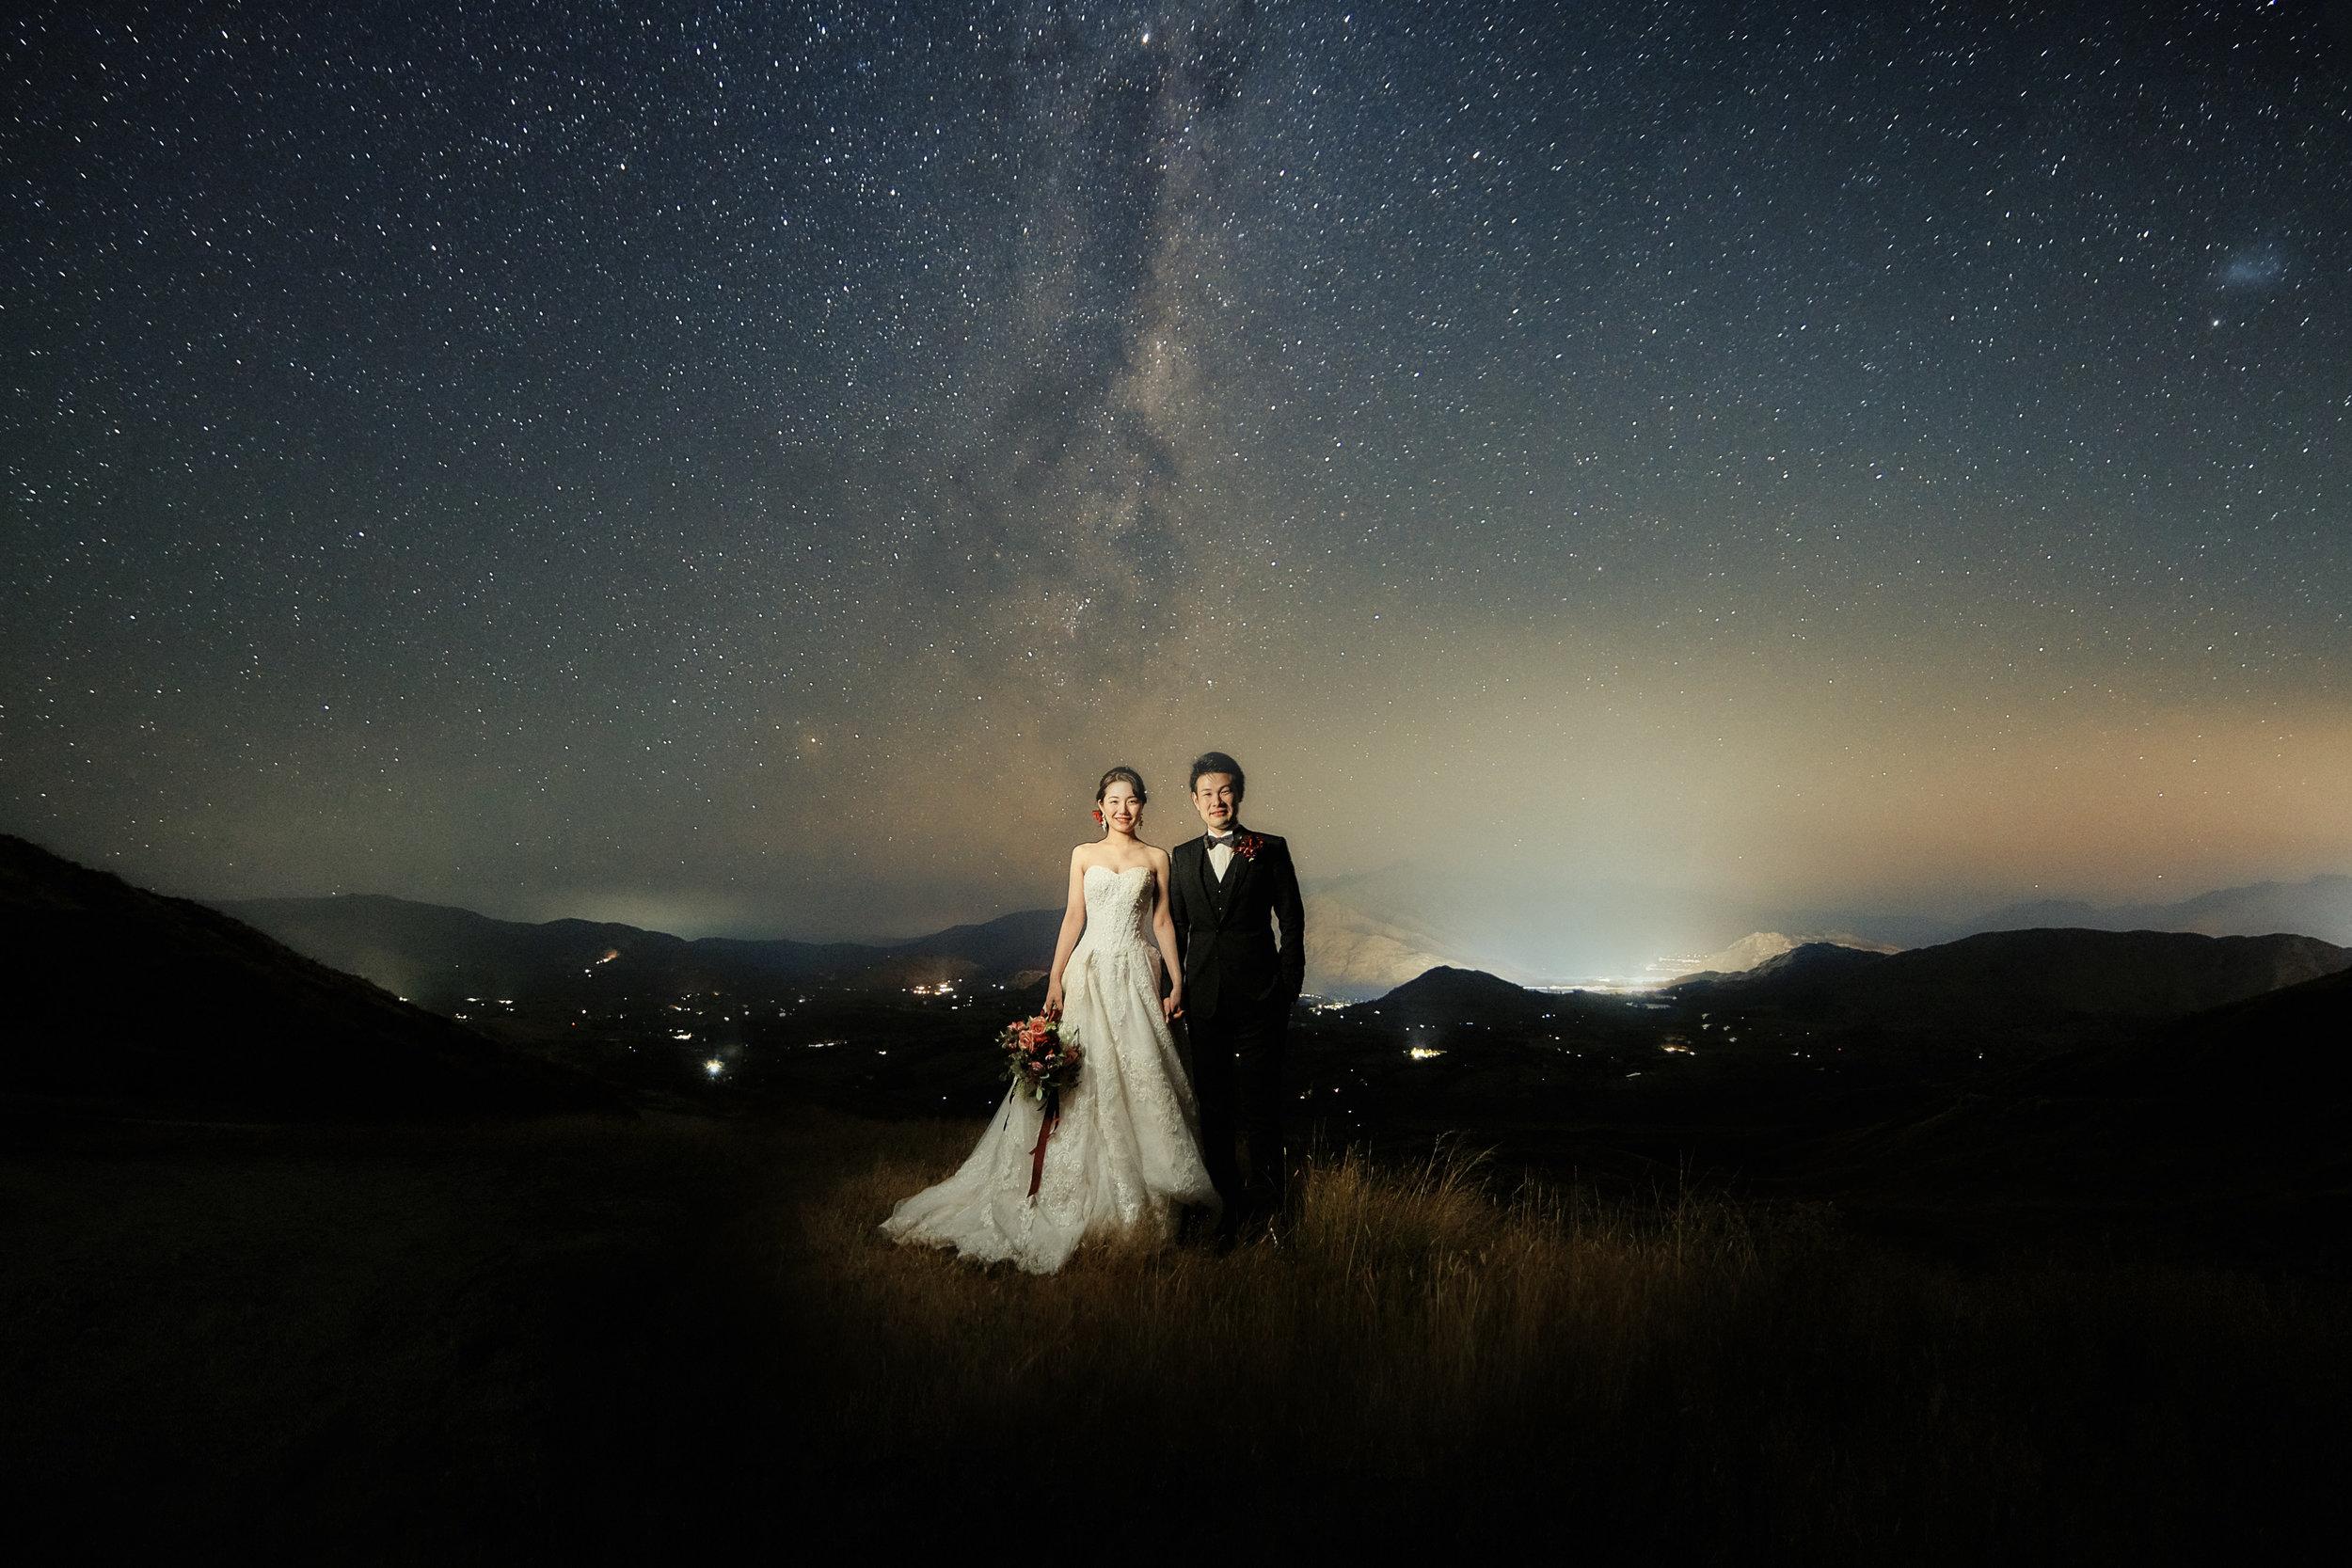 テカポ湖 クイーンズタウン ニュージーランド 天の川 星空 ウェディング 前撮り フォト